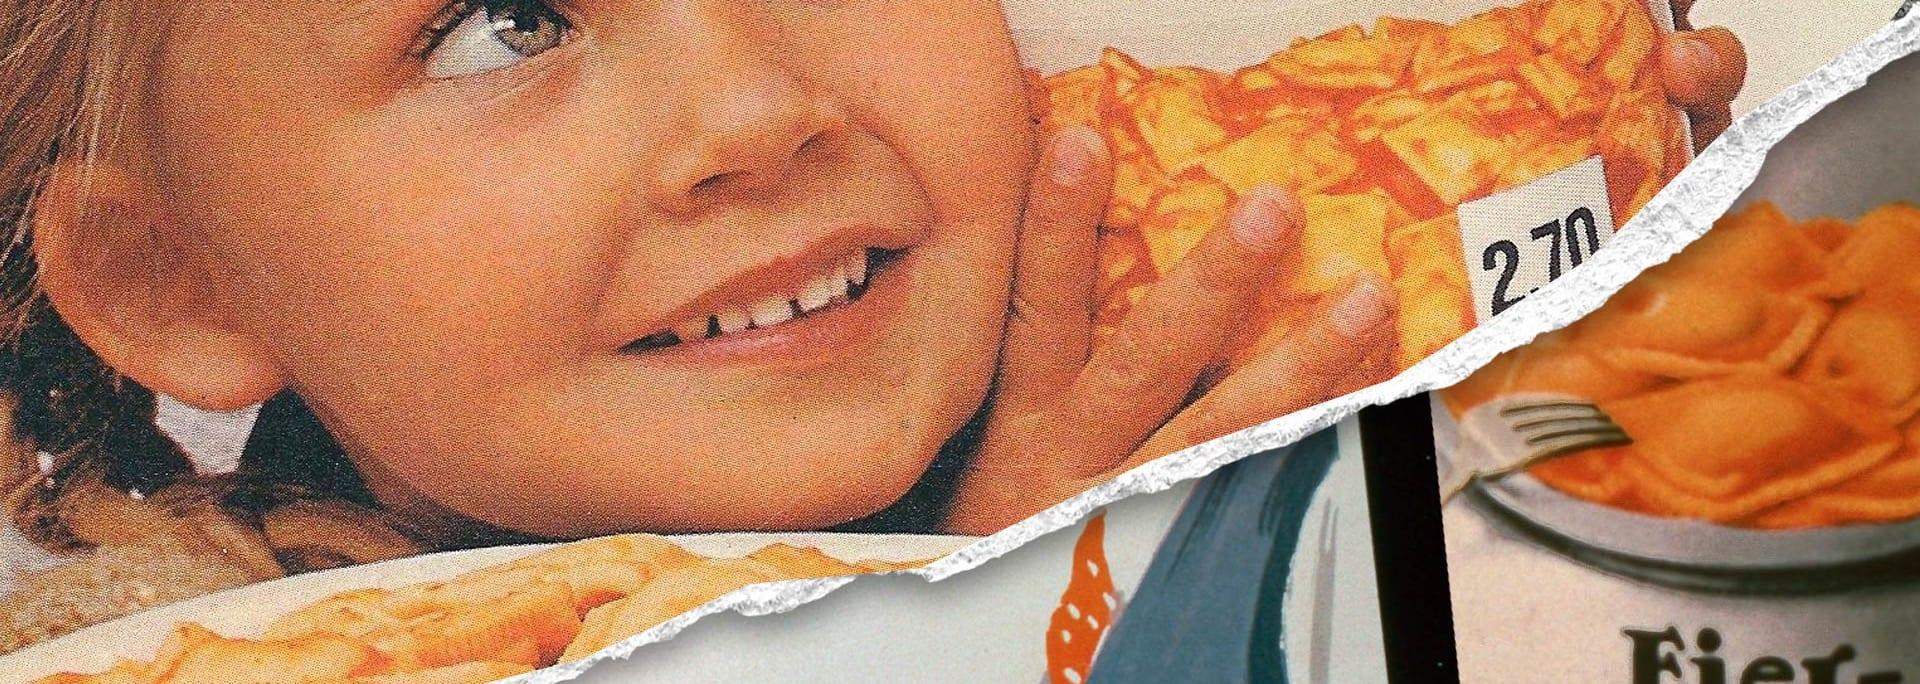 Retro Ravioli Plakat mit kleinem Mädchen